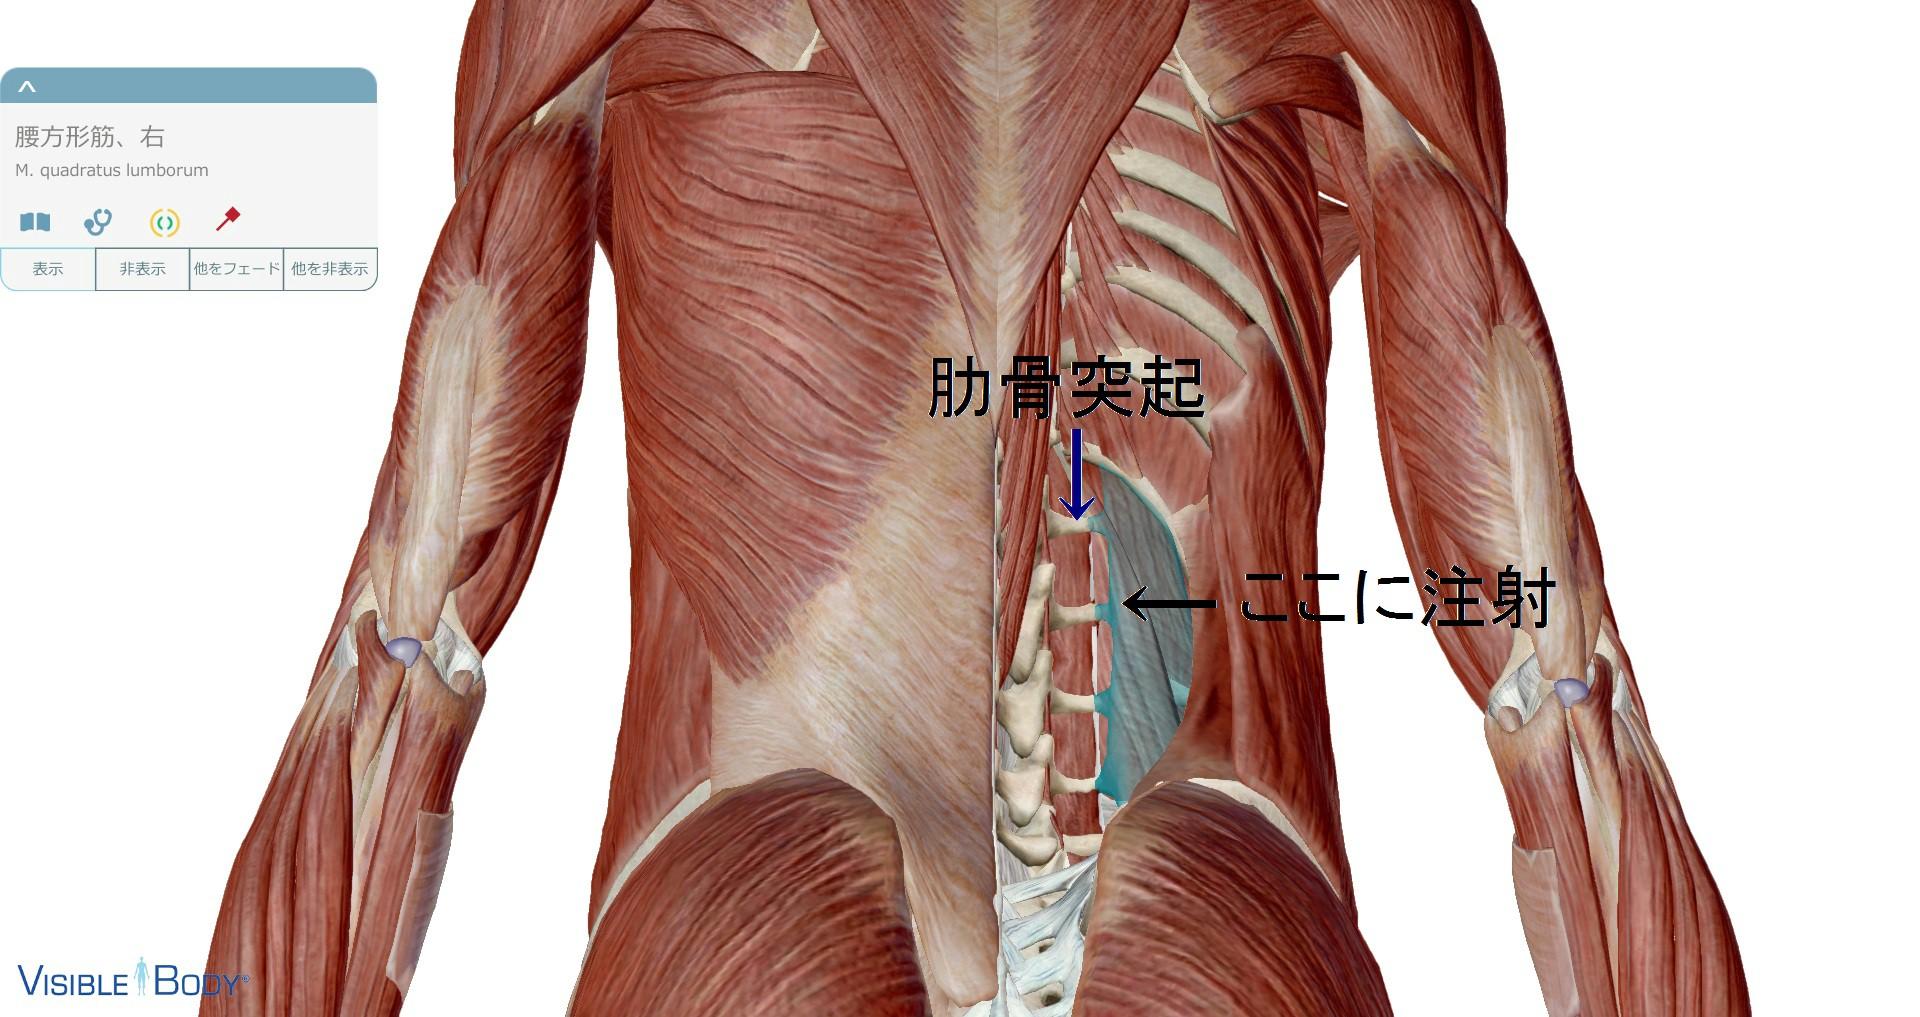 腰方形筋注射